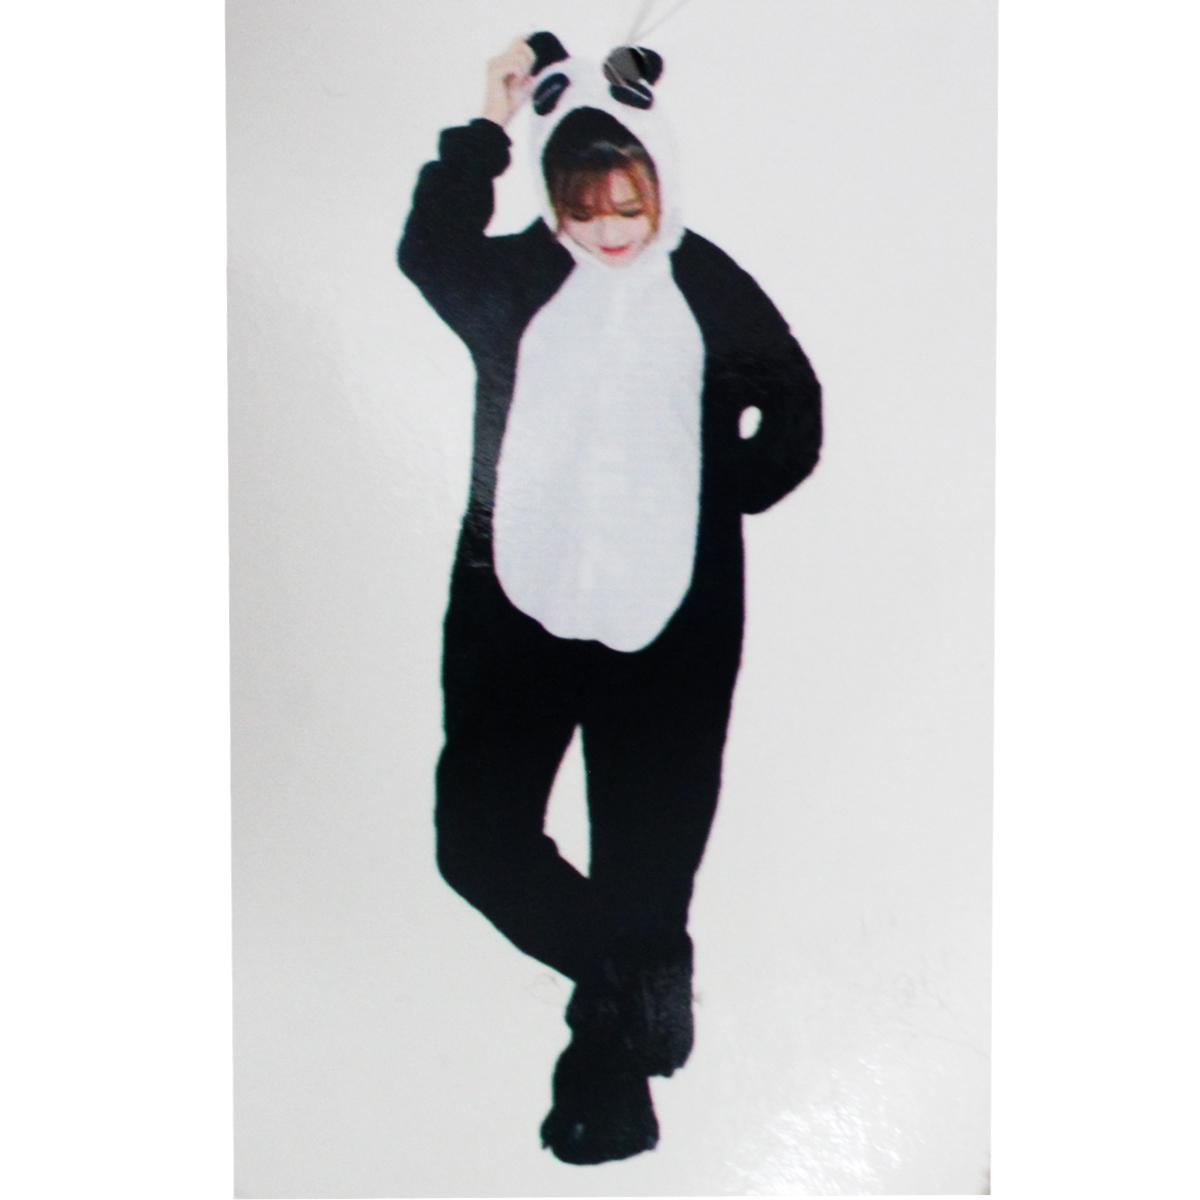 Tuta-Pigiama-Costume-Onesie-Carnevale-Halloween-Uomo-Donna-Unisex-Panda